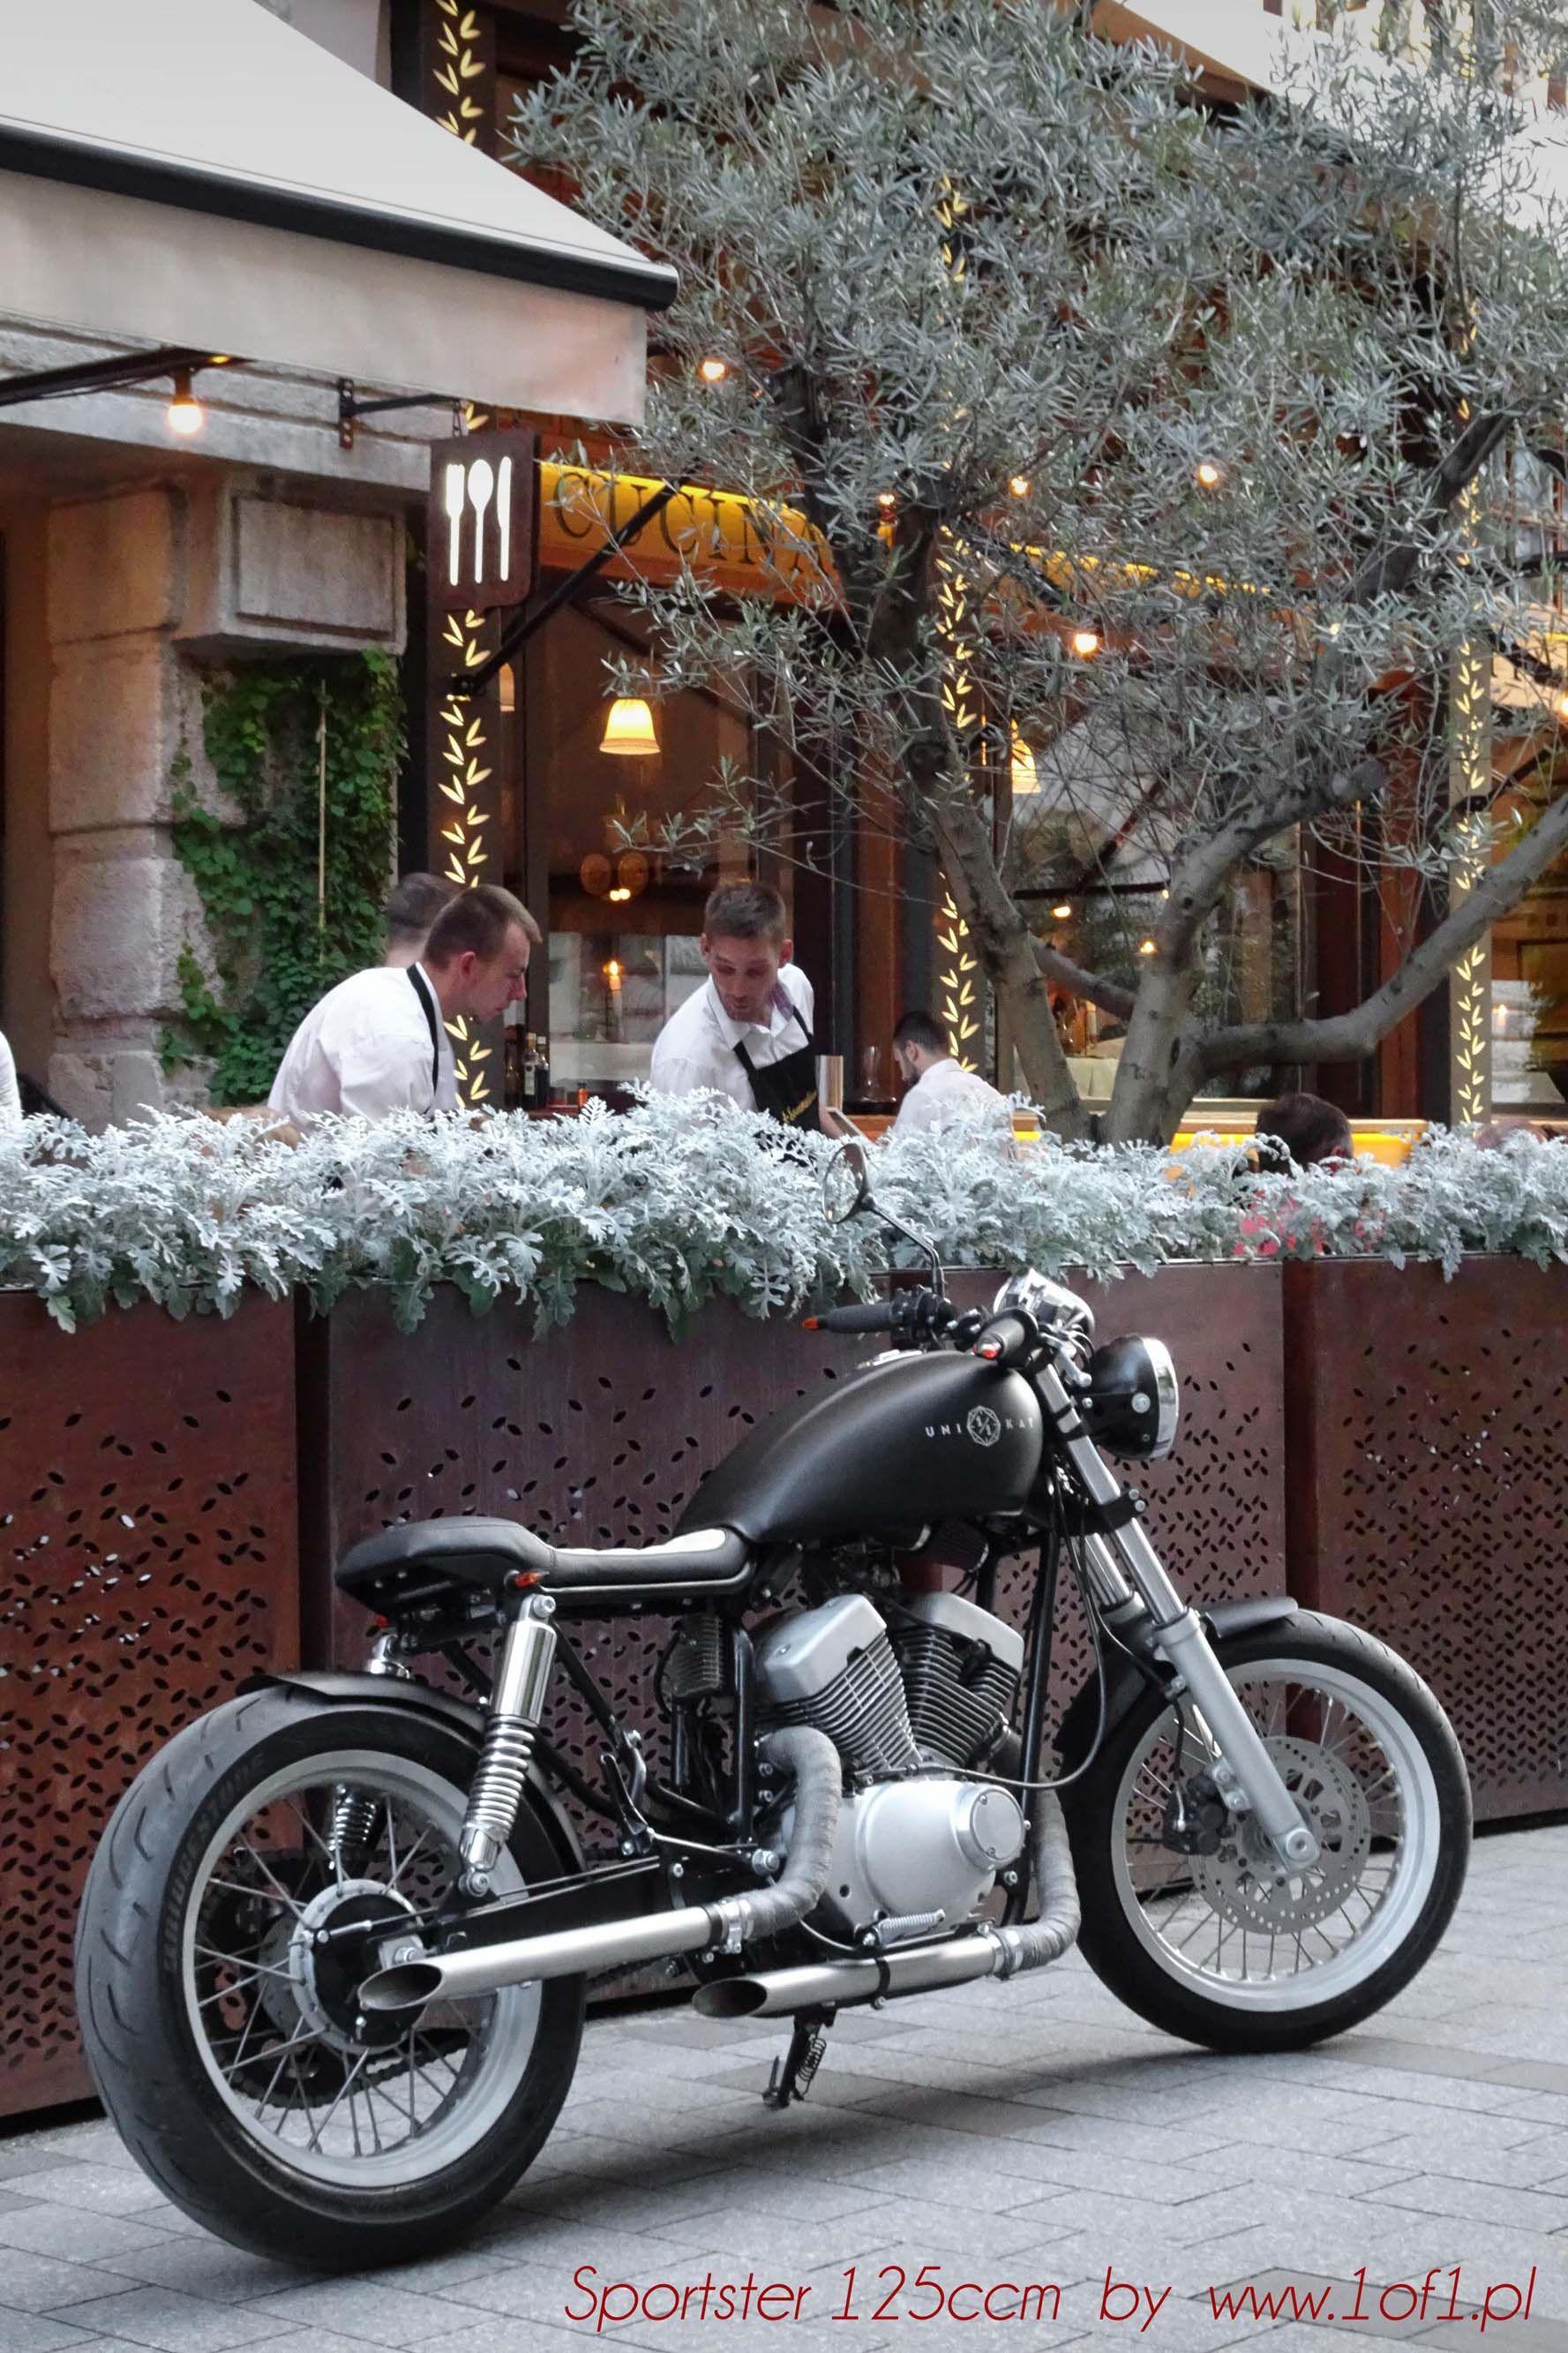 125ccm cafe racer motorrad bild idee. Black Bedroom Furniture Sets. Home Design Ideas